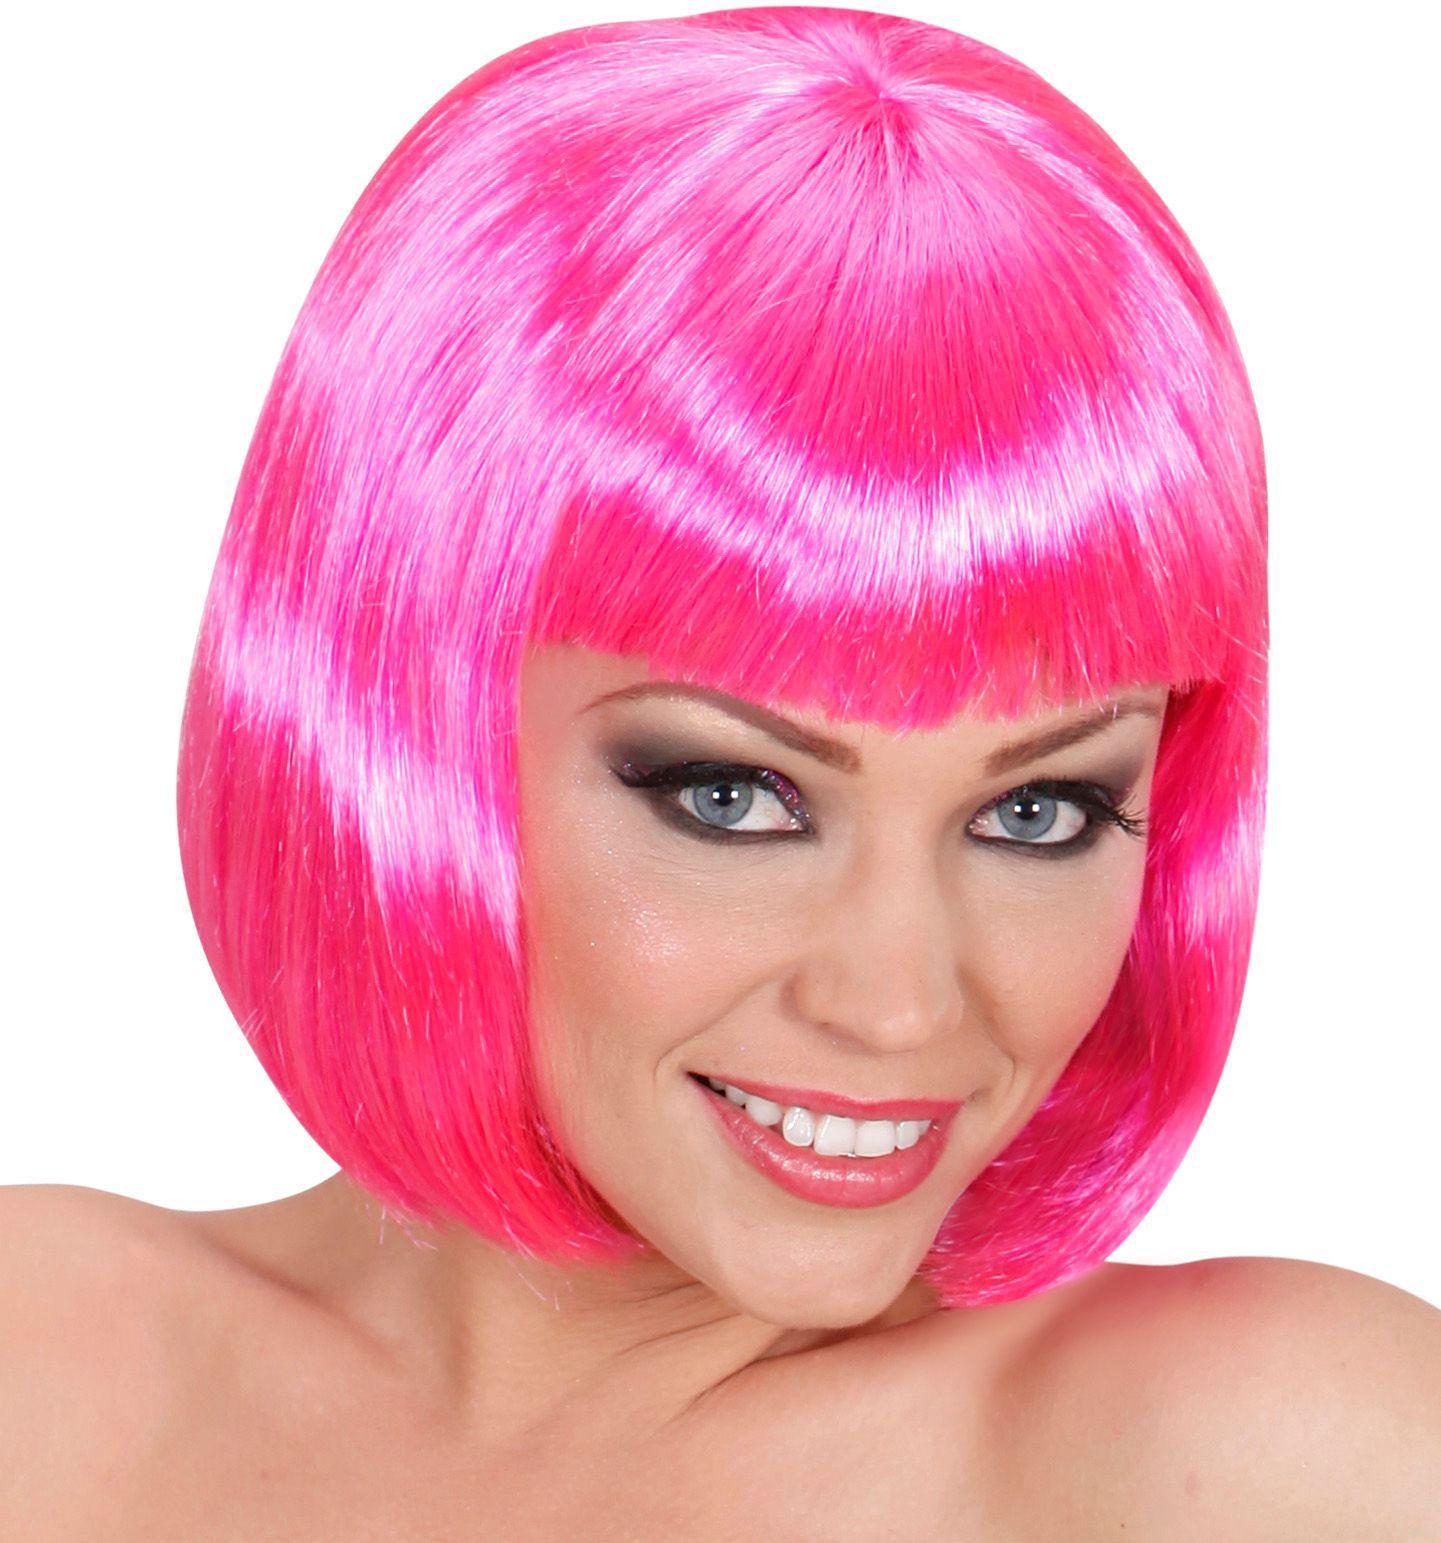 Roze pruik kort haar